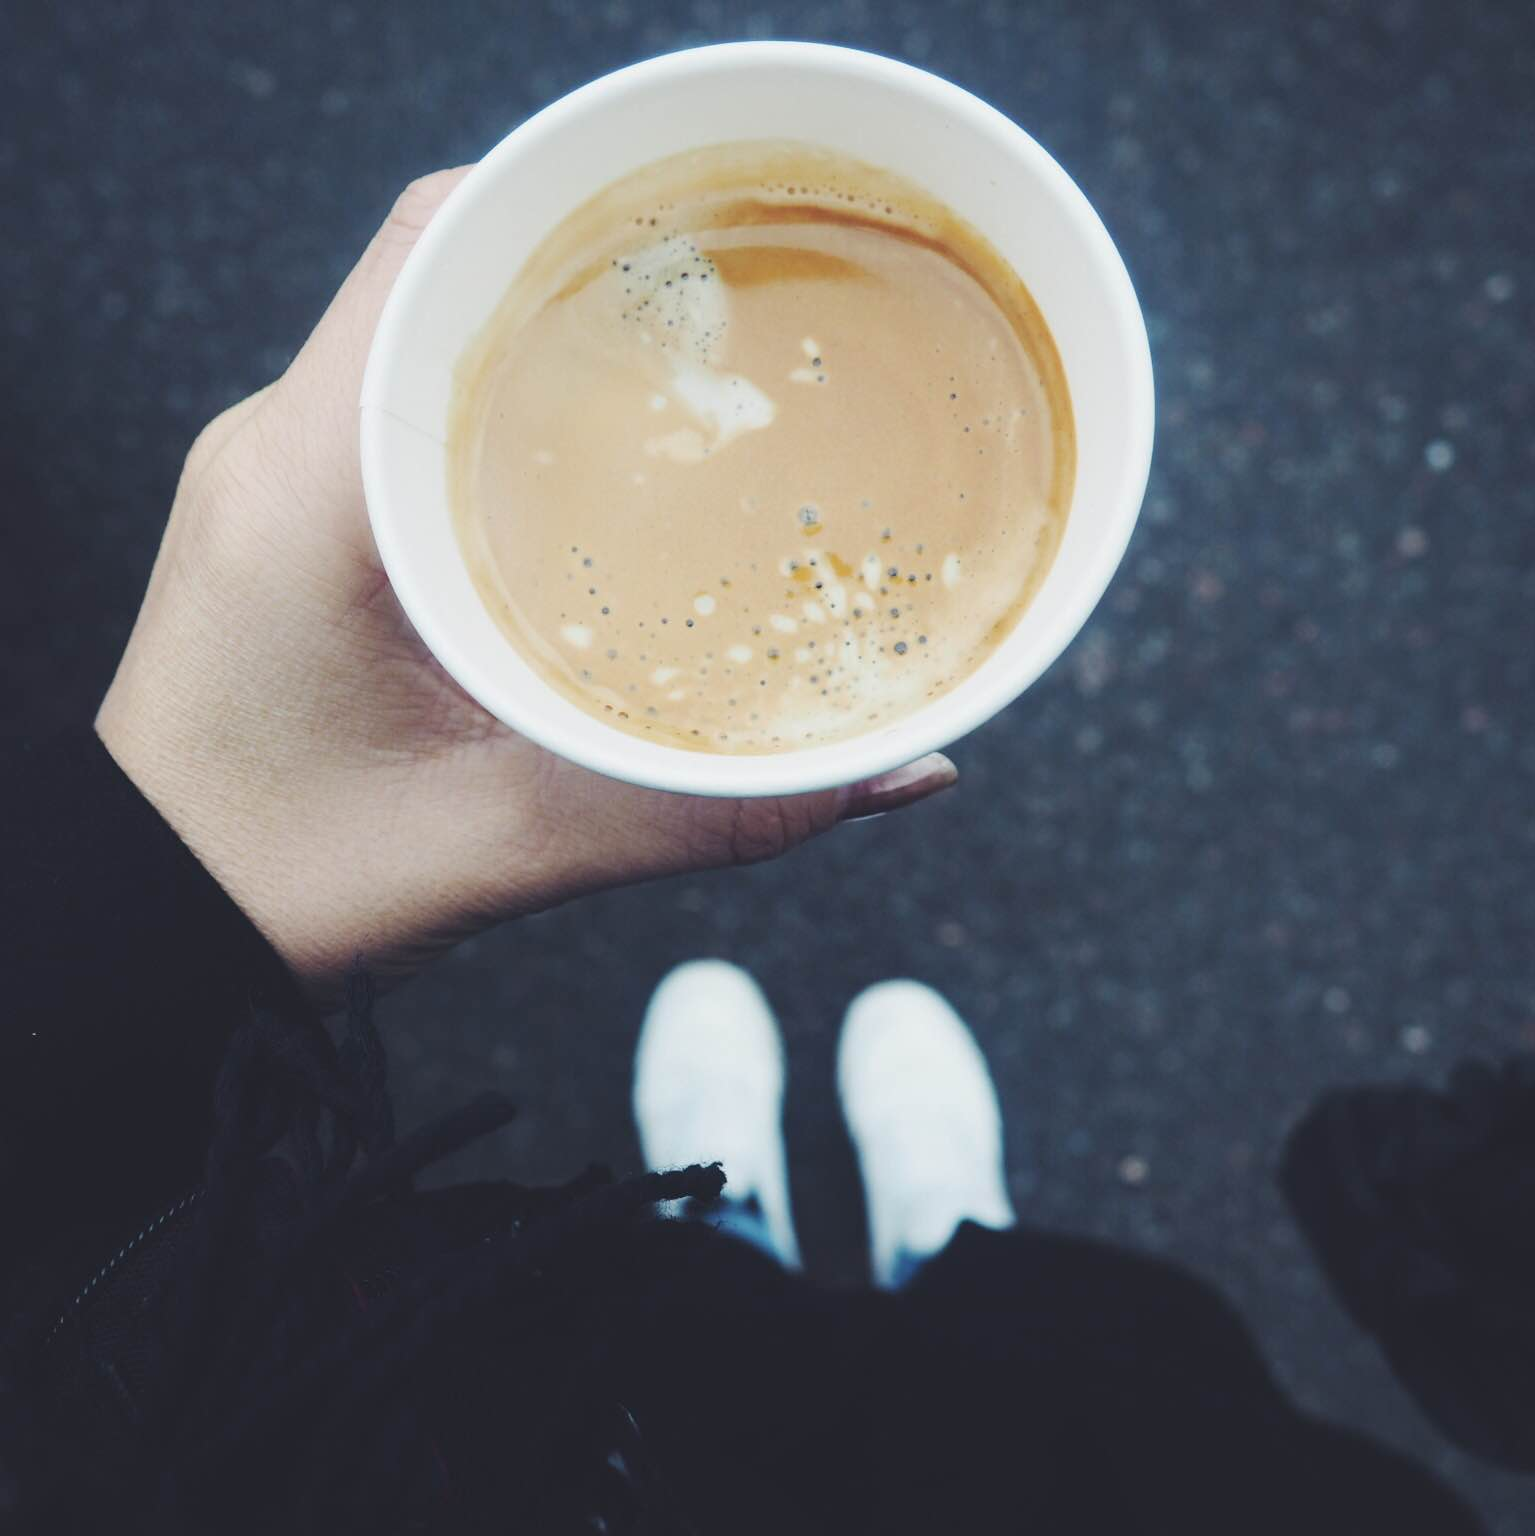 Bæredygtig kaffe - det skal du kigge efter når du køber kaffe